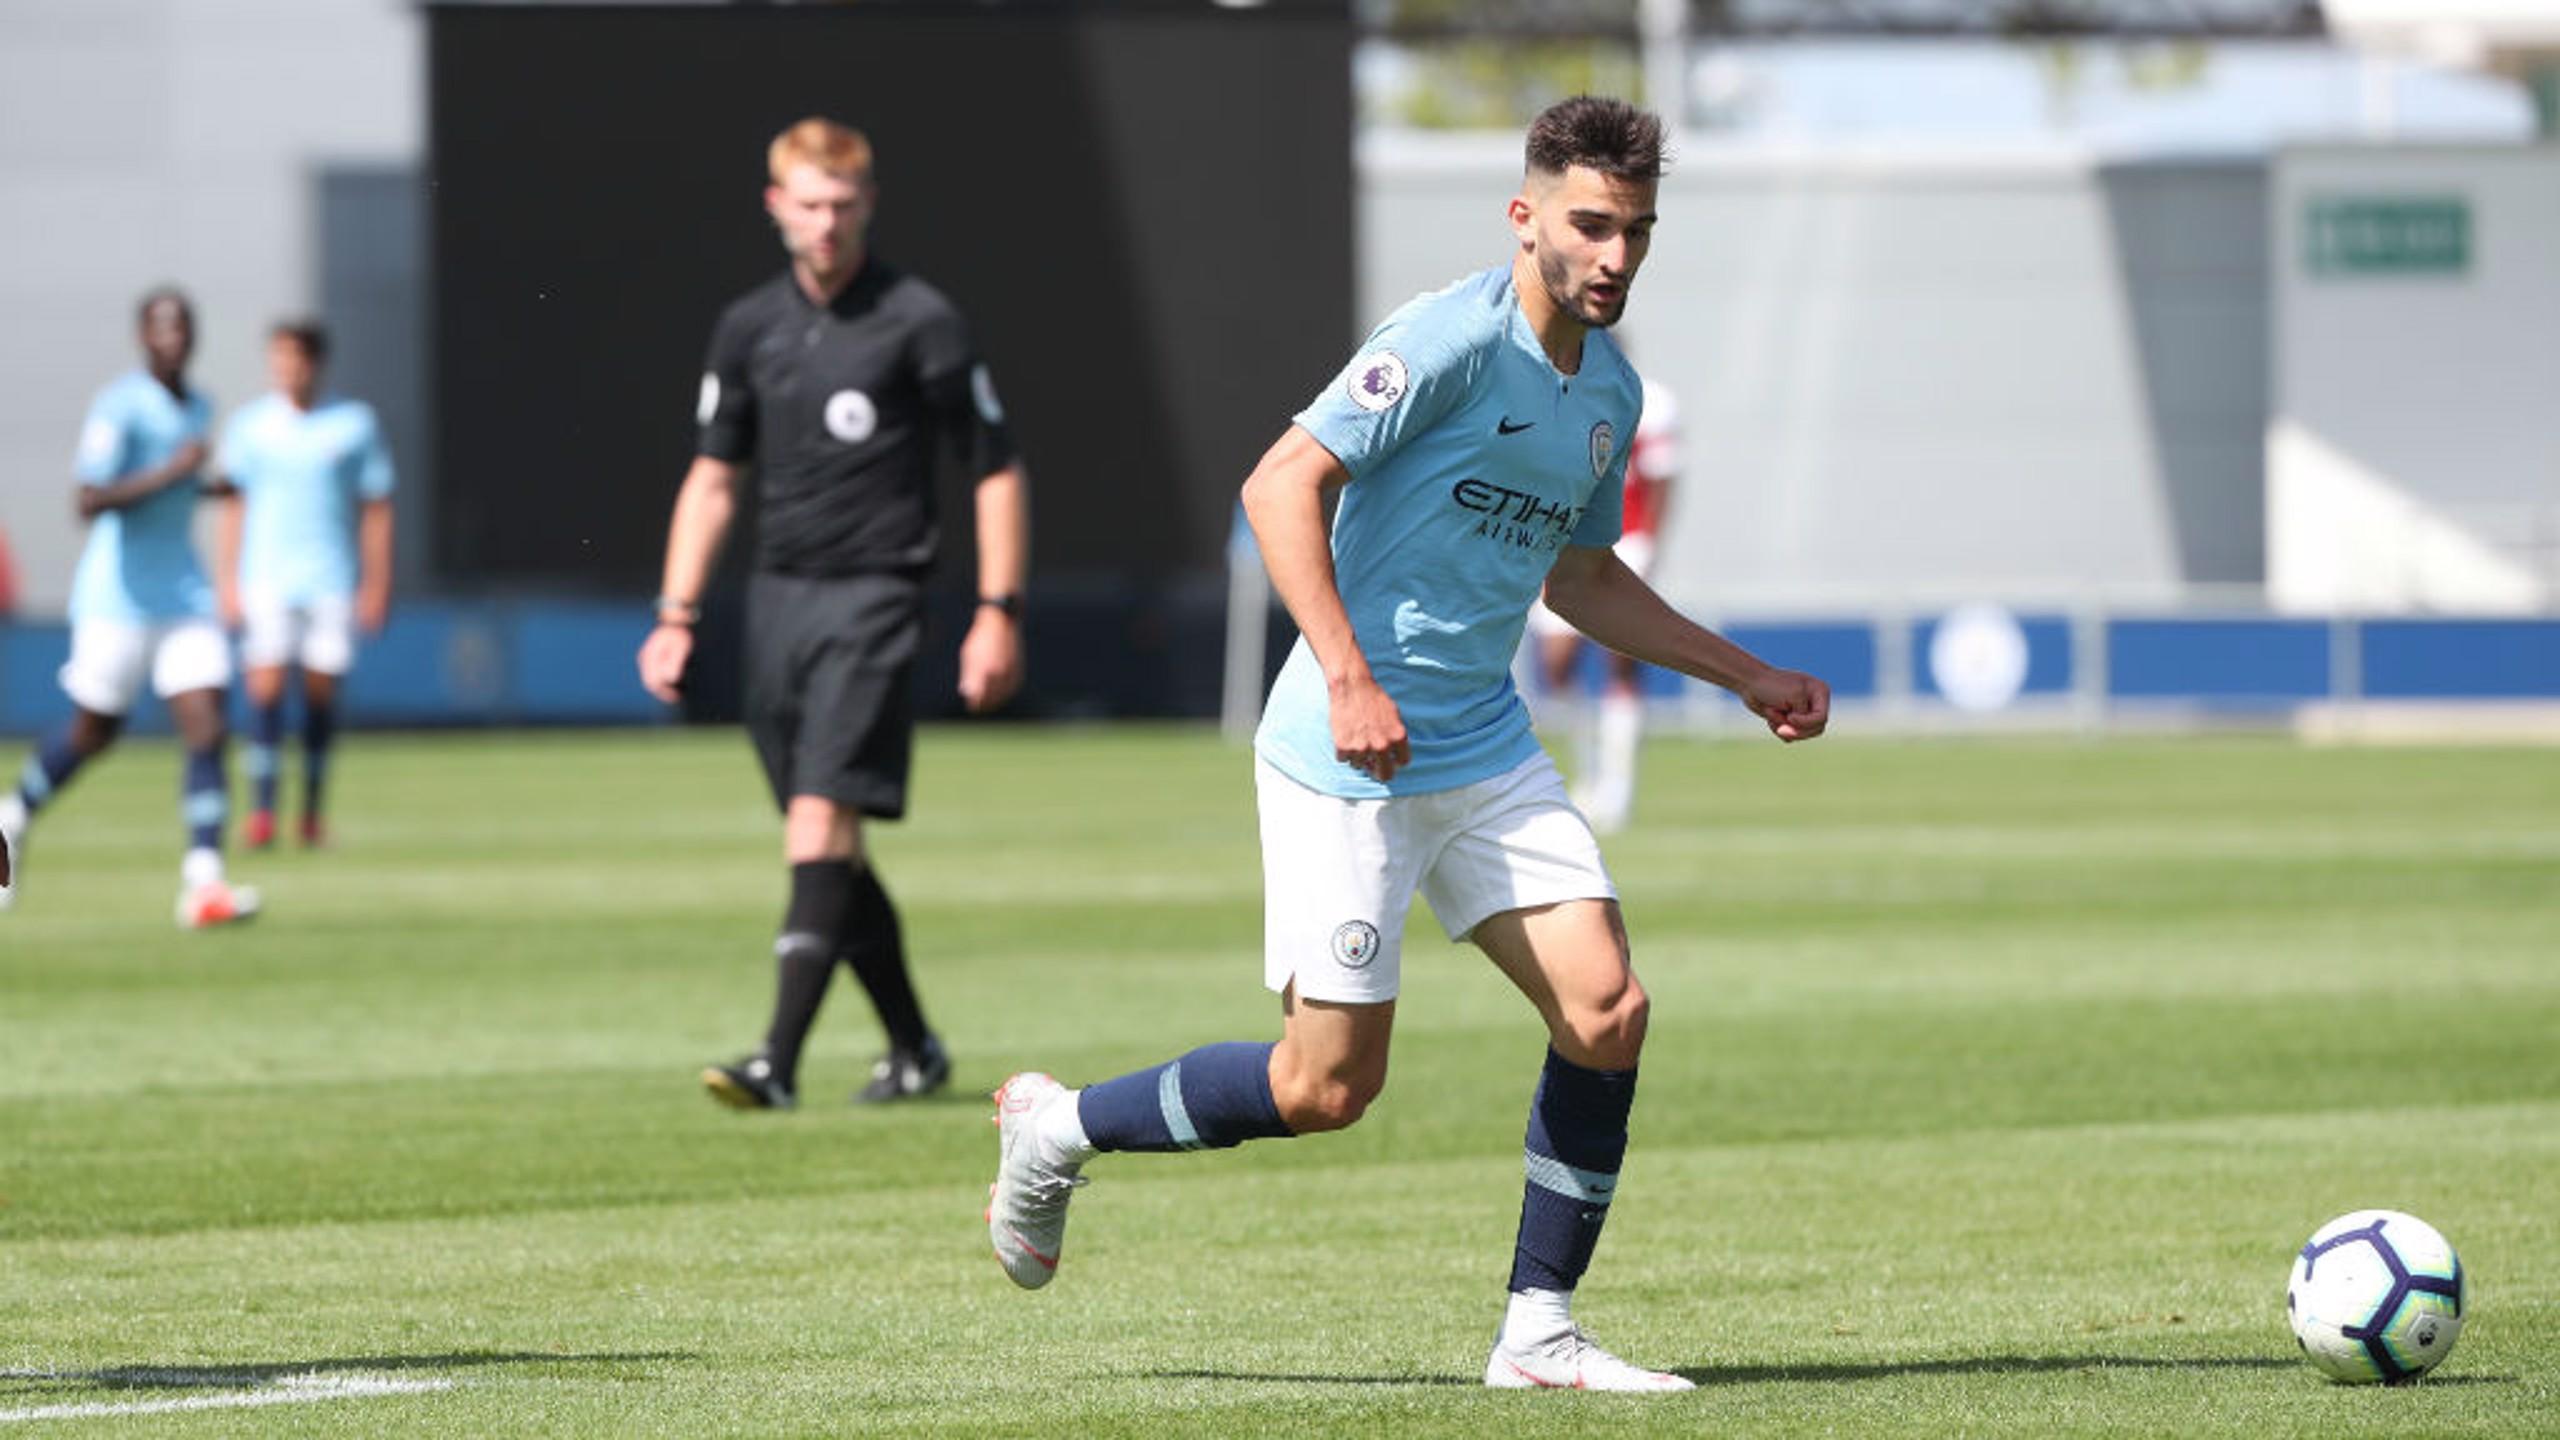 REPORT: Brighton U23s 5-0 City EDS.